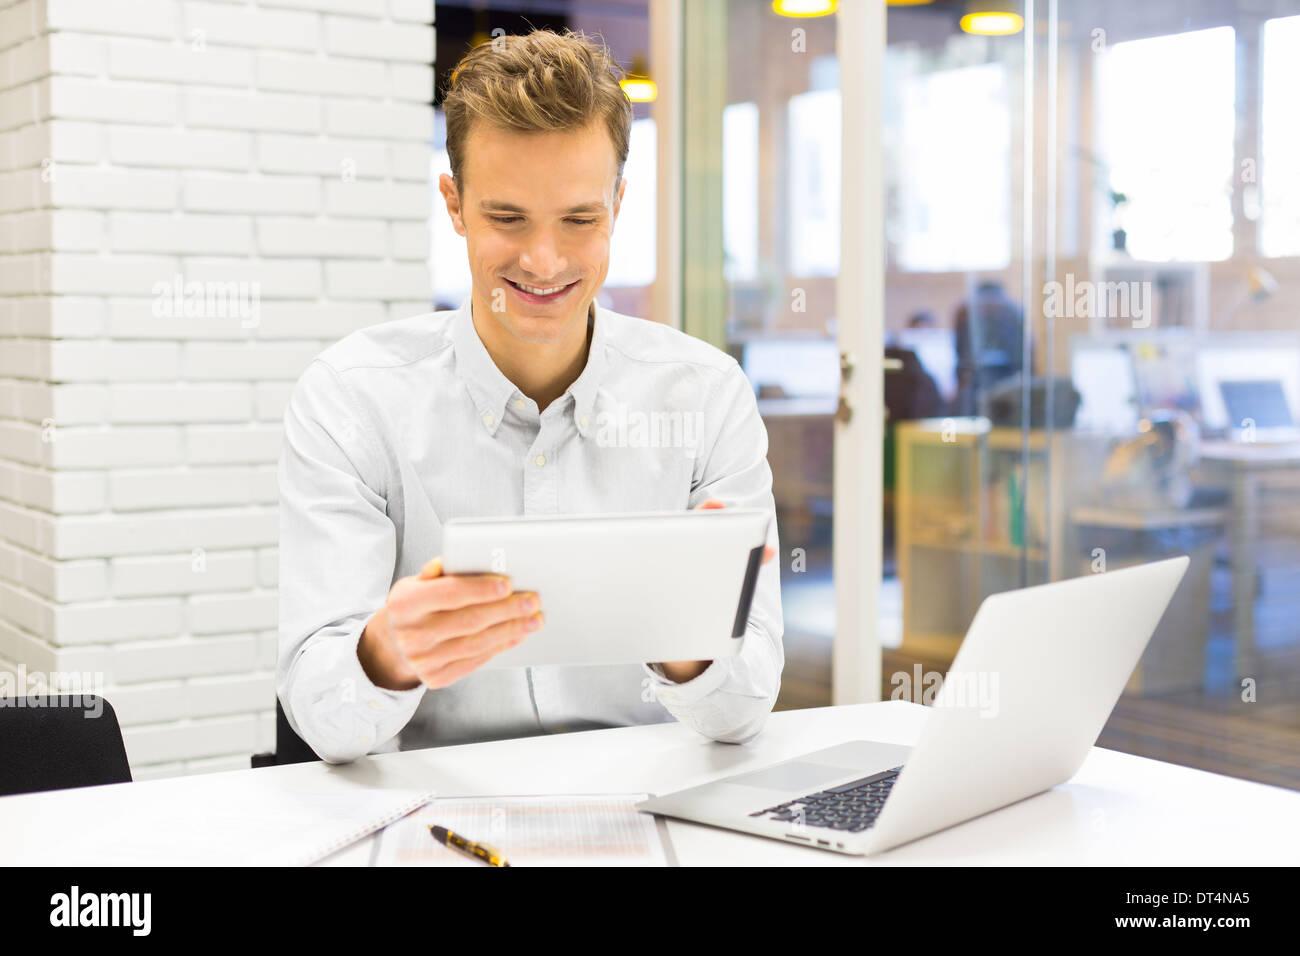 Man business tablet pc desk laptop message e-mail - Stock Image